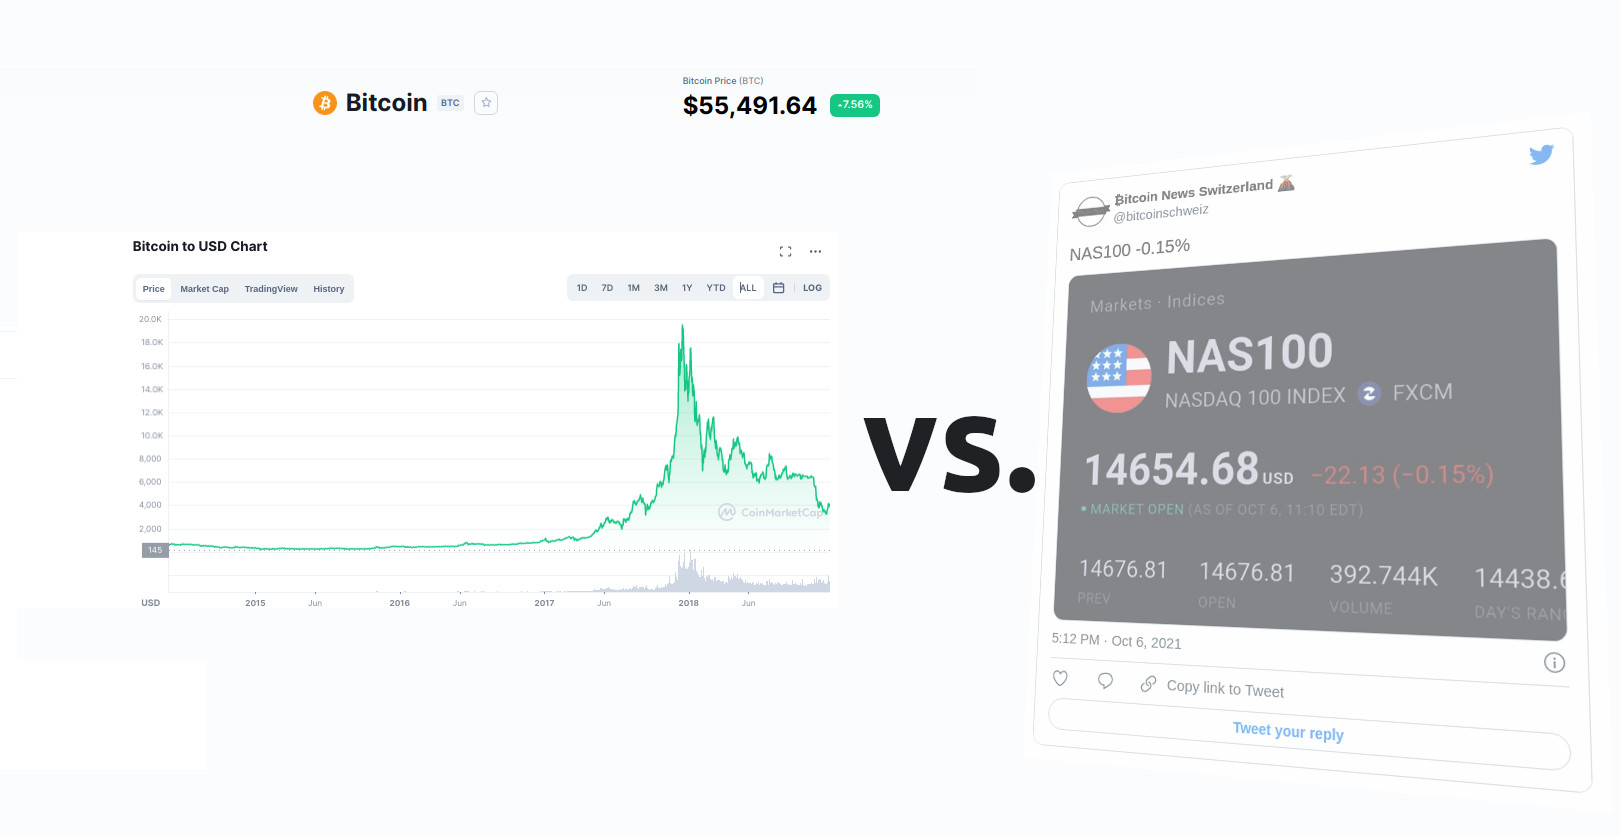 Bitcoin vs. NAS100